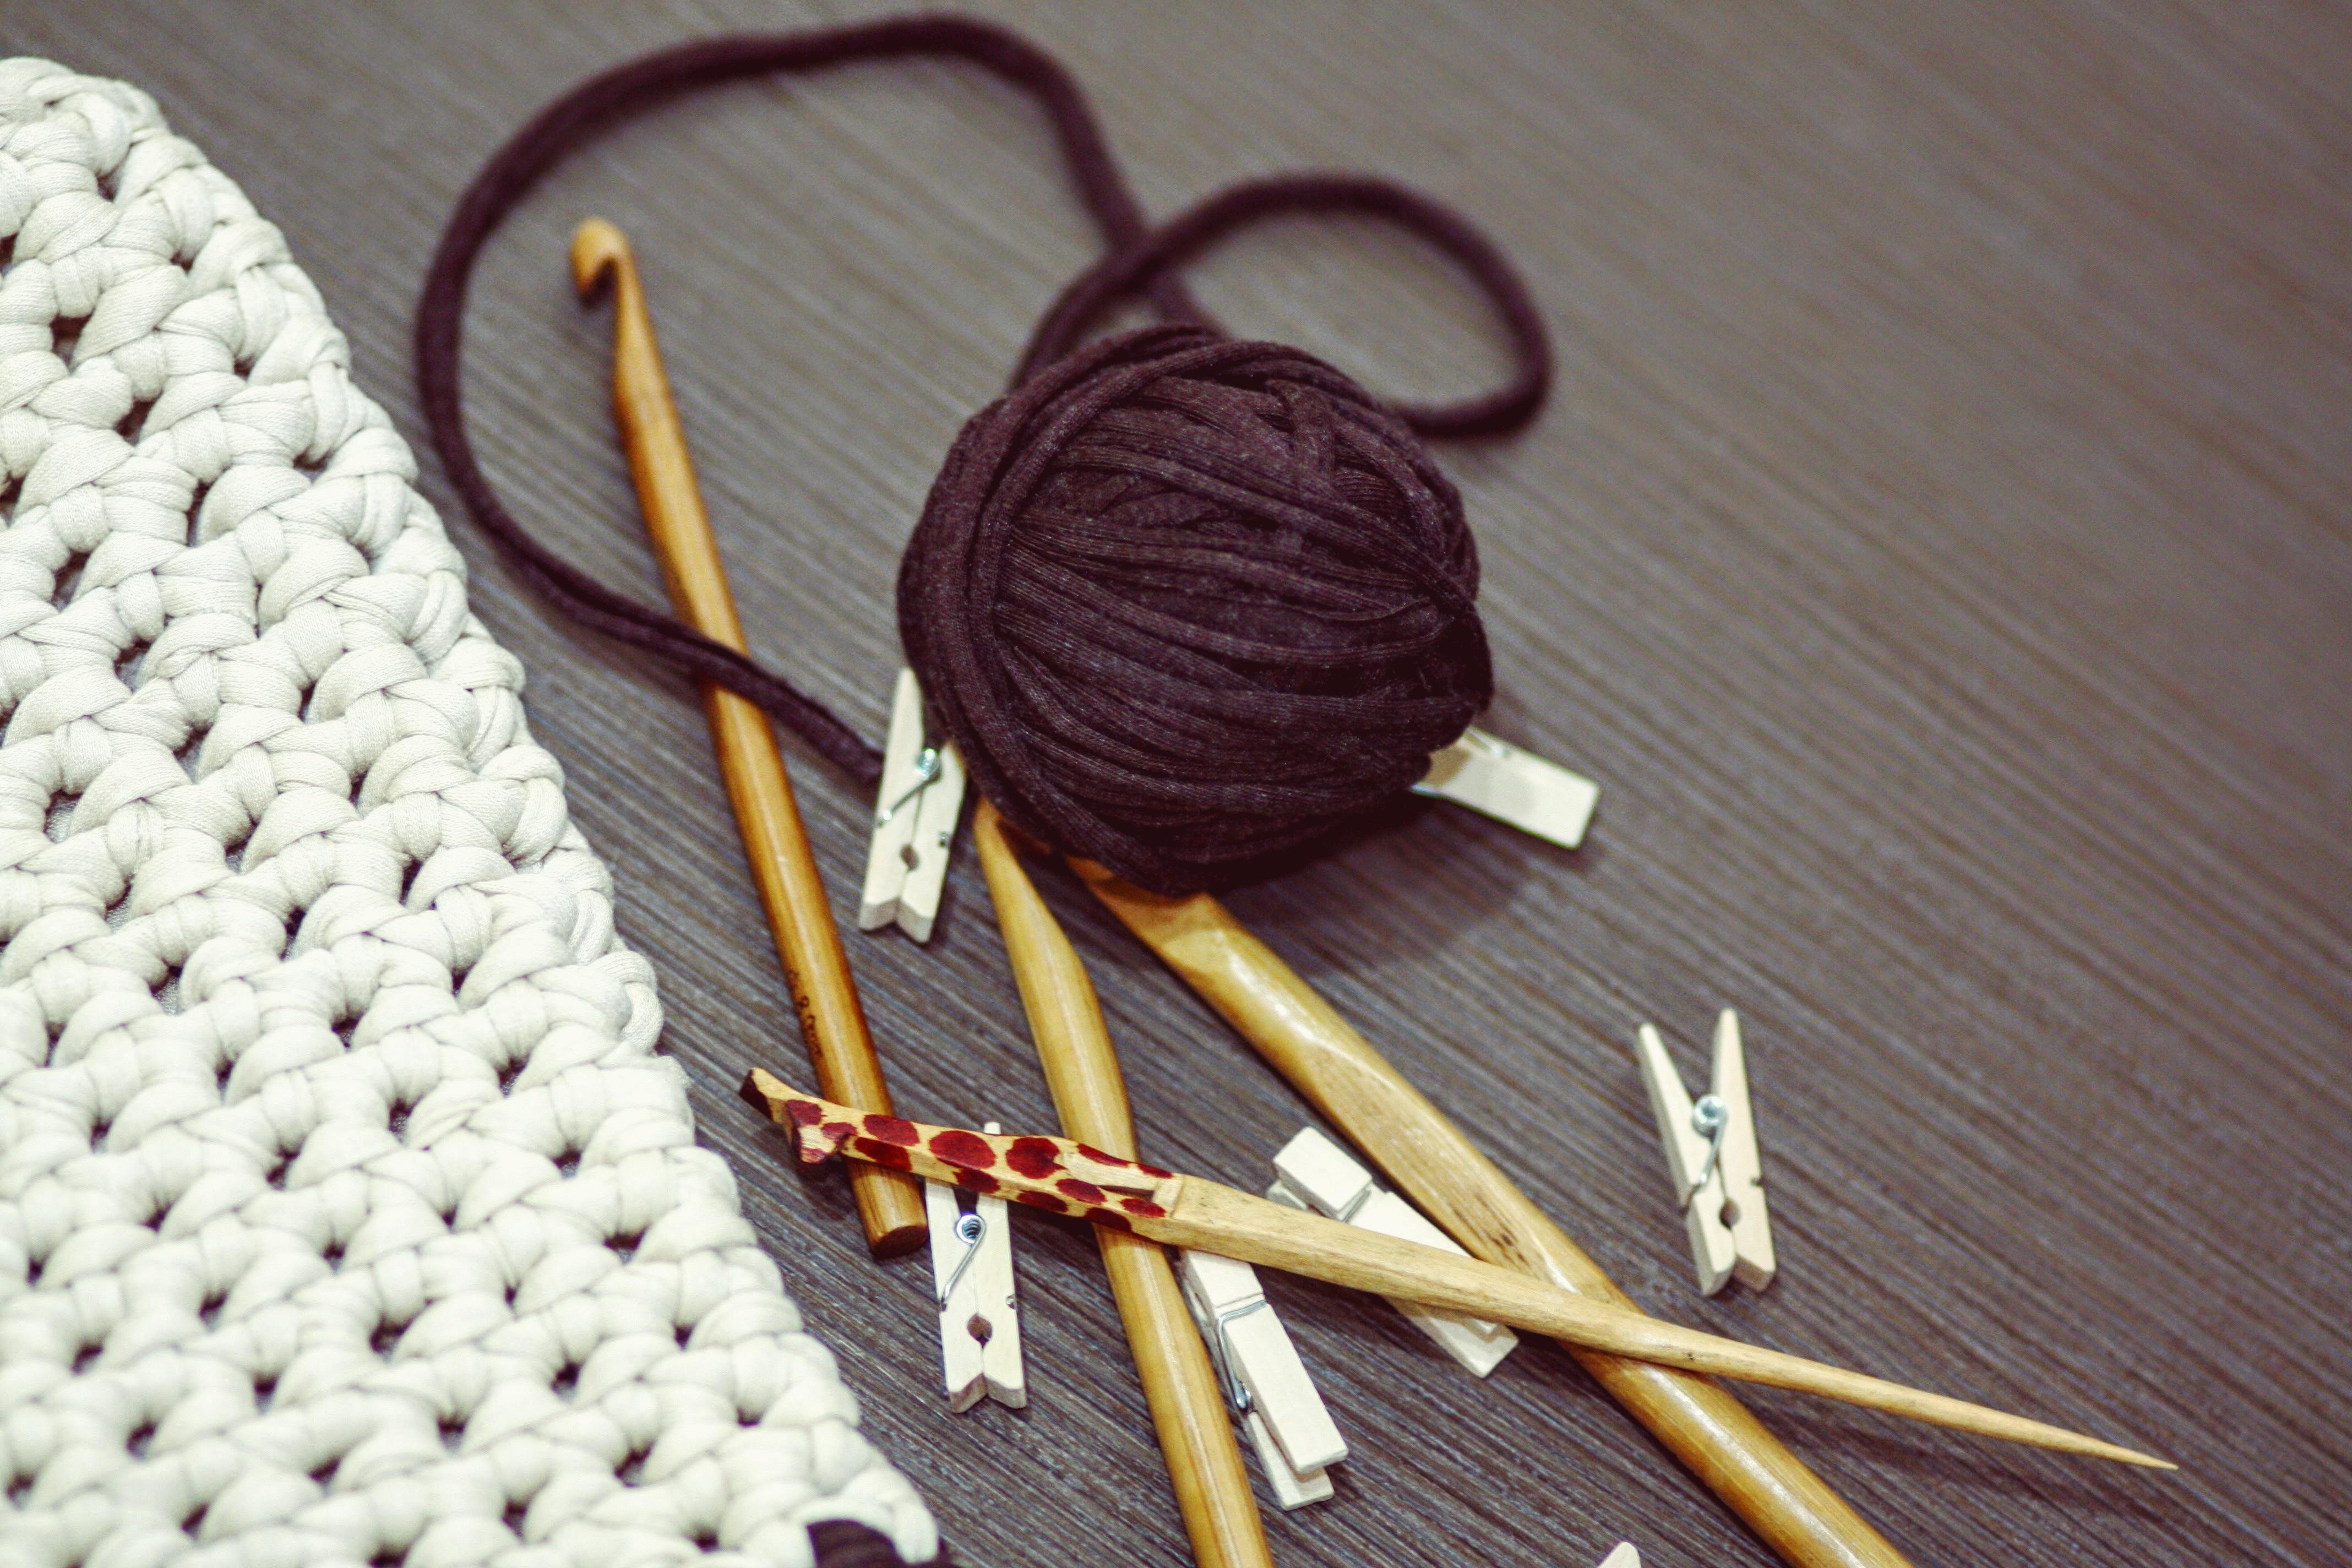 Fotos gratis : textura, patrón, arte, tejer, hilo, material, gancho ...